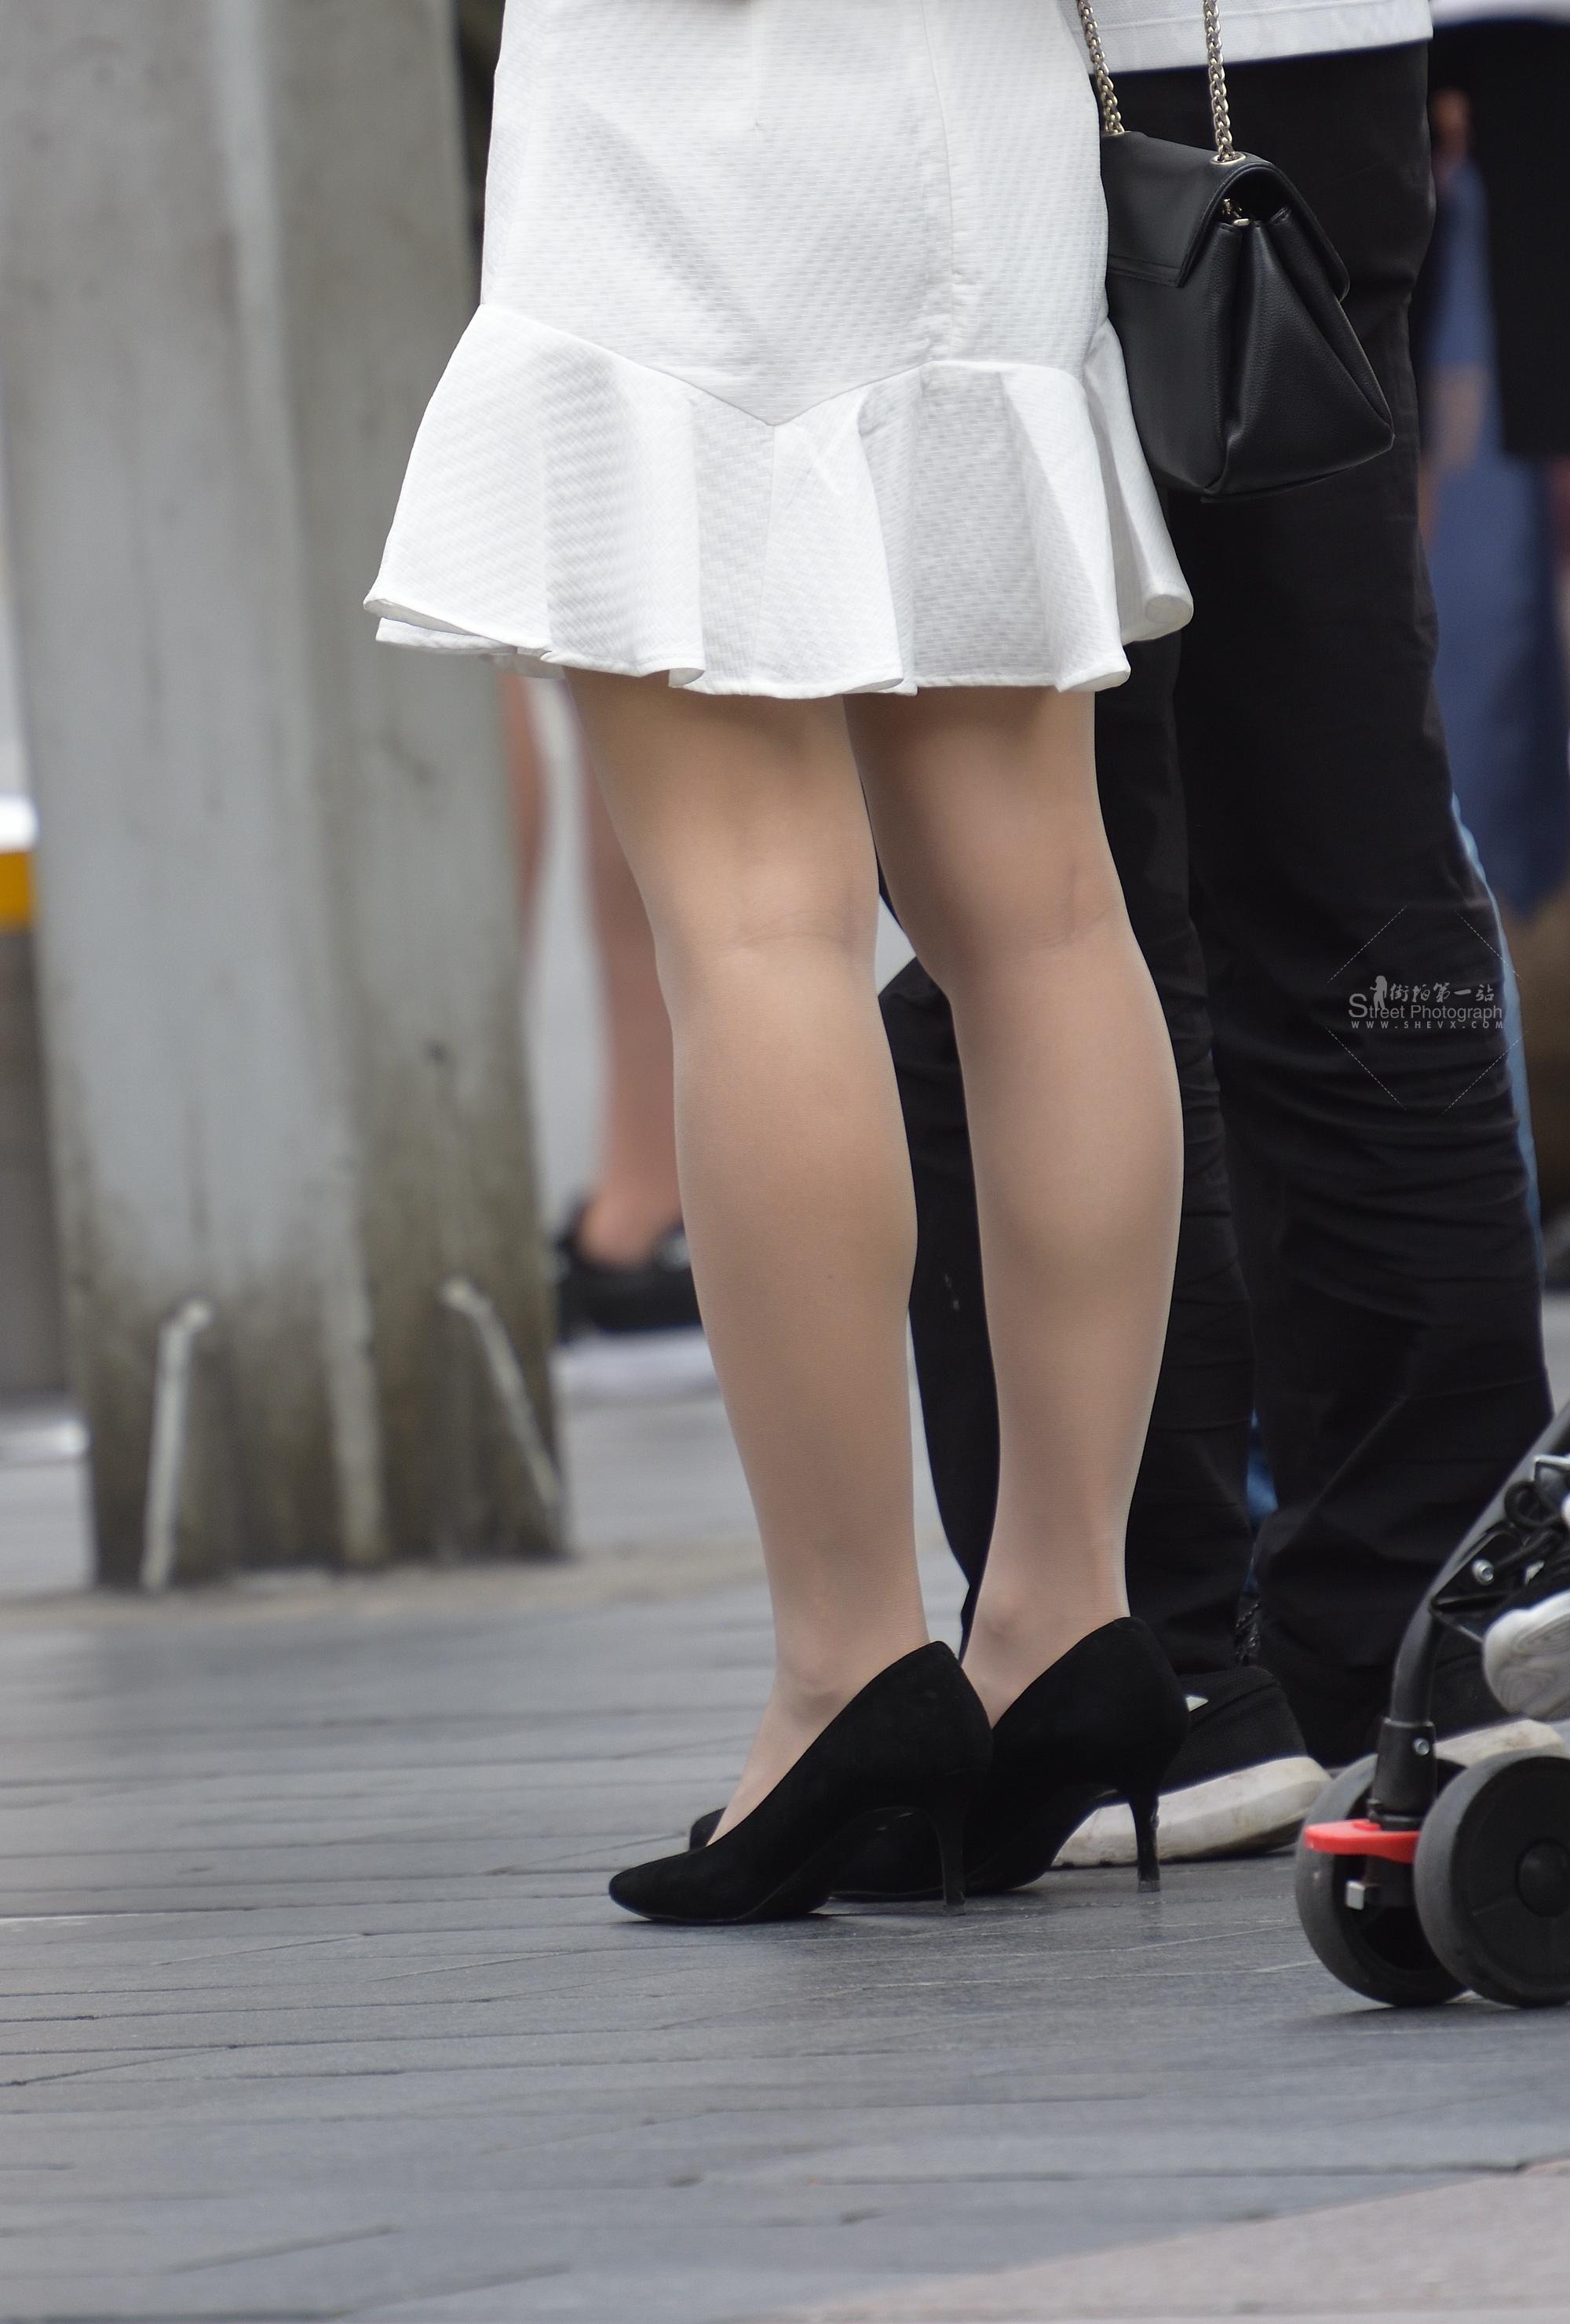 街拍肉丝袜袜,街拍丝袜,街拍肉丝袜袜袜 肉丝袜袜奉献一组 最新街拍丝袜图片 街拍丝袜第一站